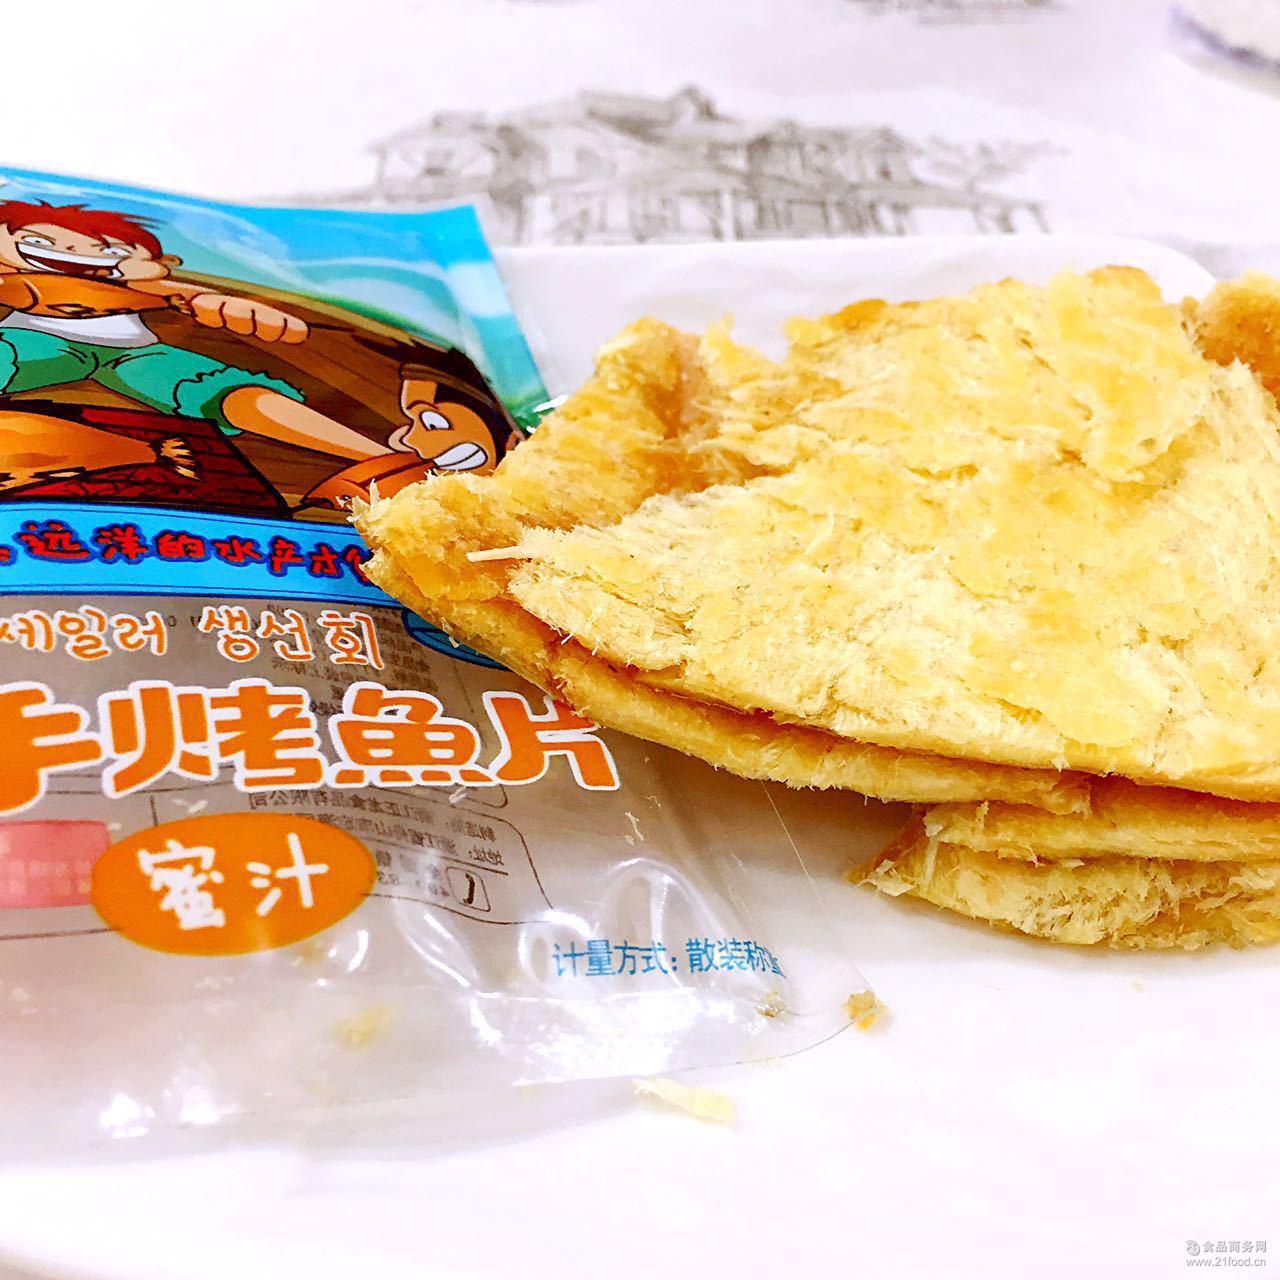 水手烤鱼片 水手老爸 蜜汁味5斤/包 办公室休闲零食旅游*